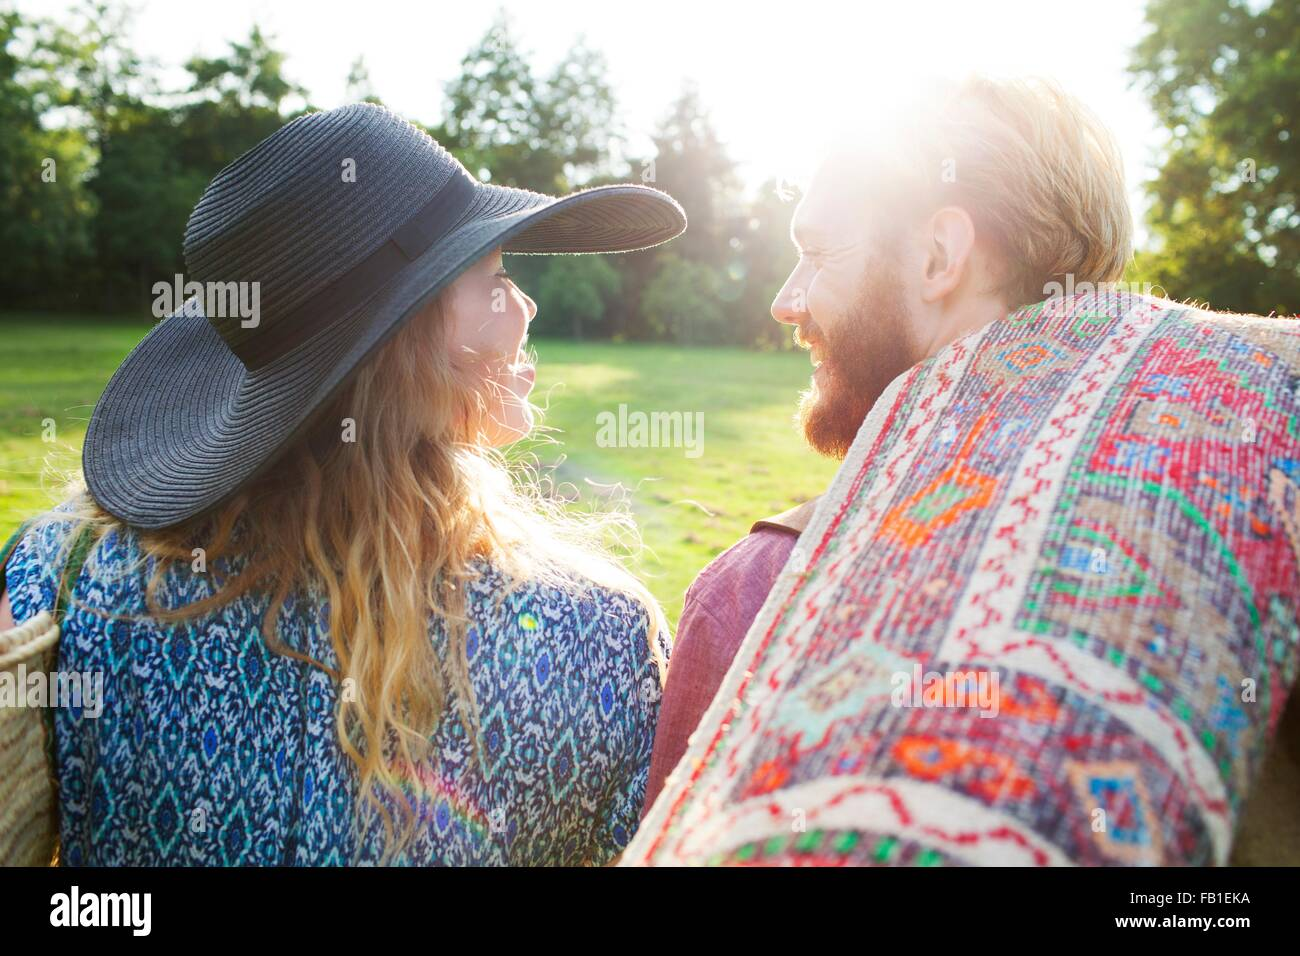 Vista posteriore della romantica coppia giovane che trasportano rug per picnic nel parco Immagini Stock